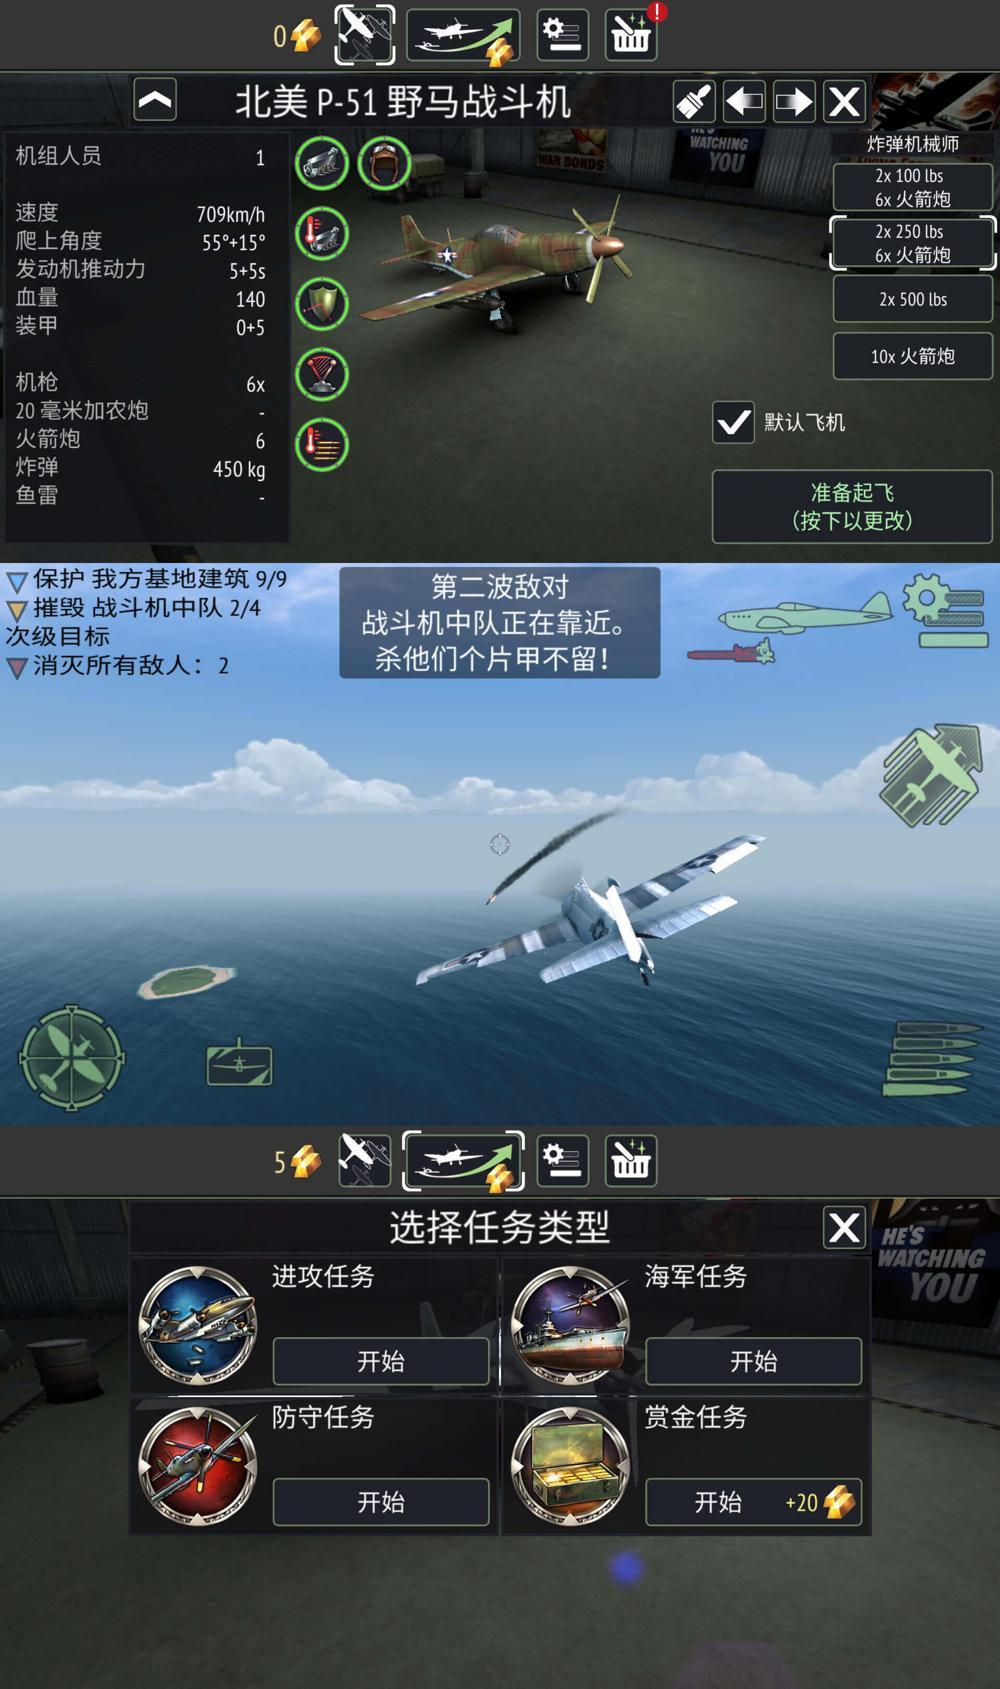 空战题材游戏 战斗机二战